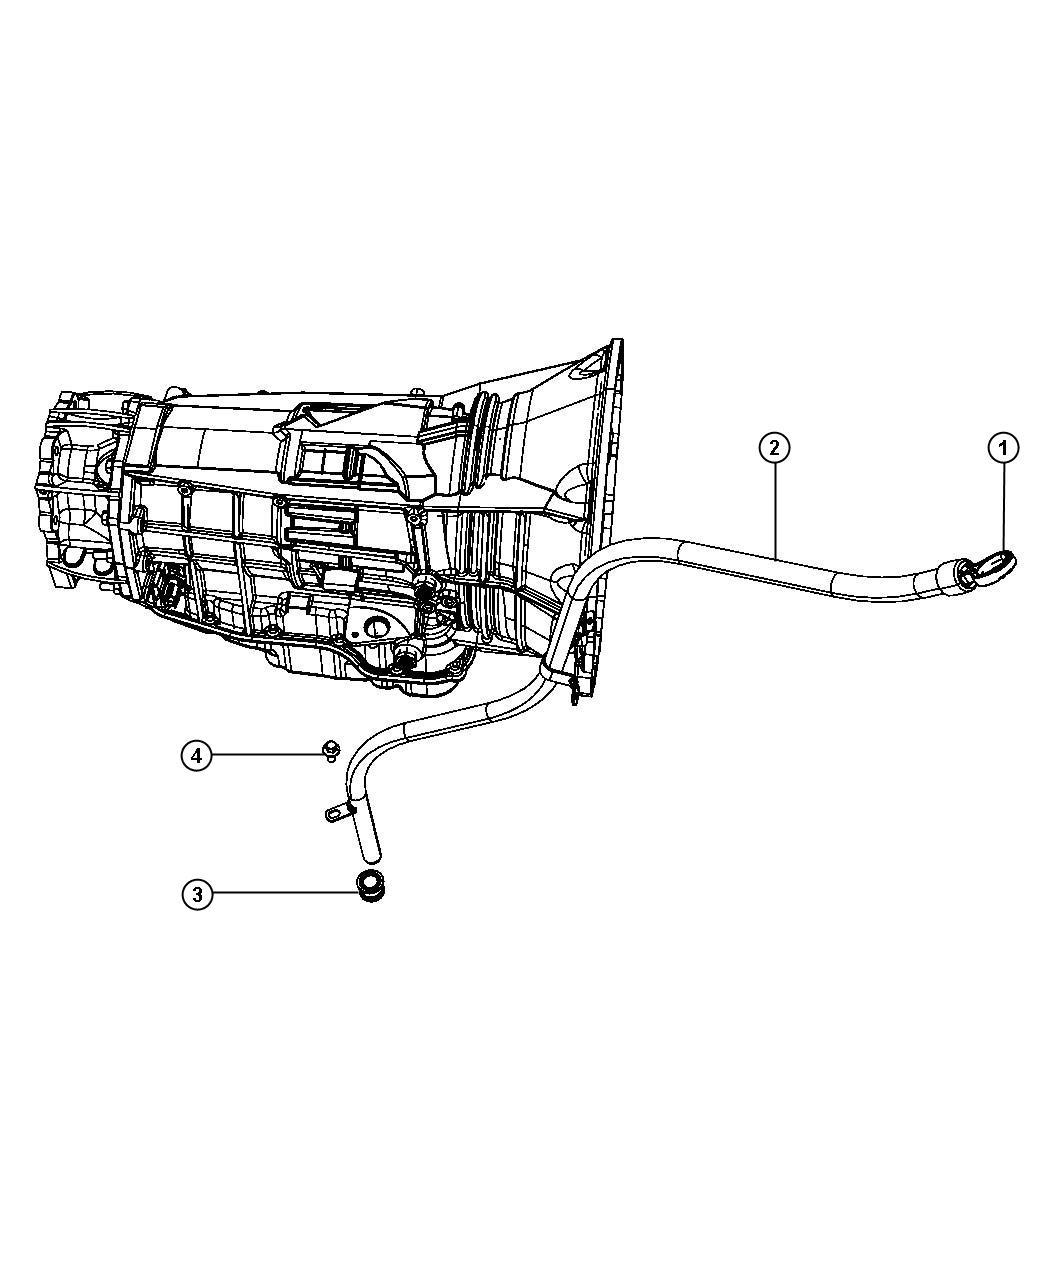 2012 Dodge Durango Tube. Transmission oil filler. Related